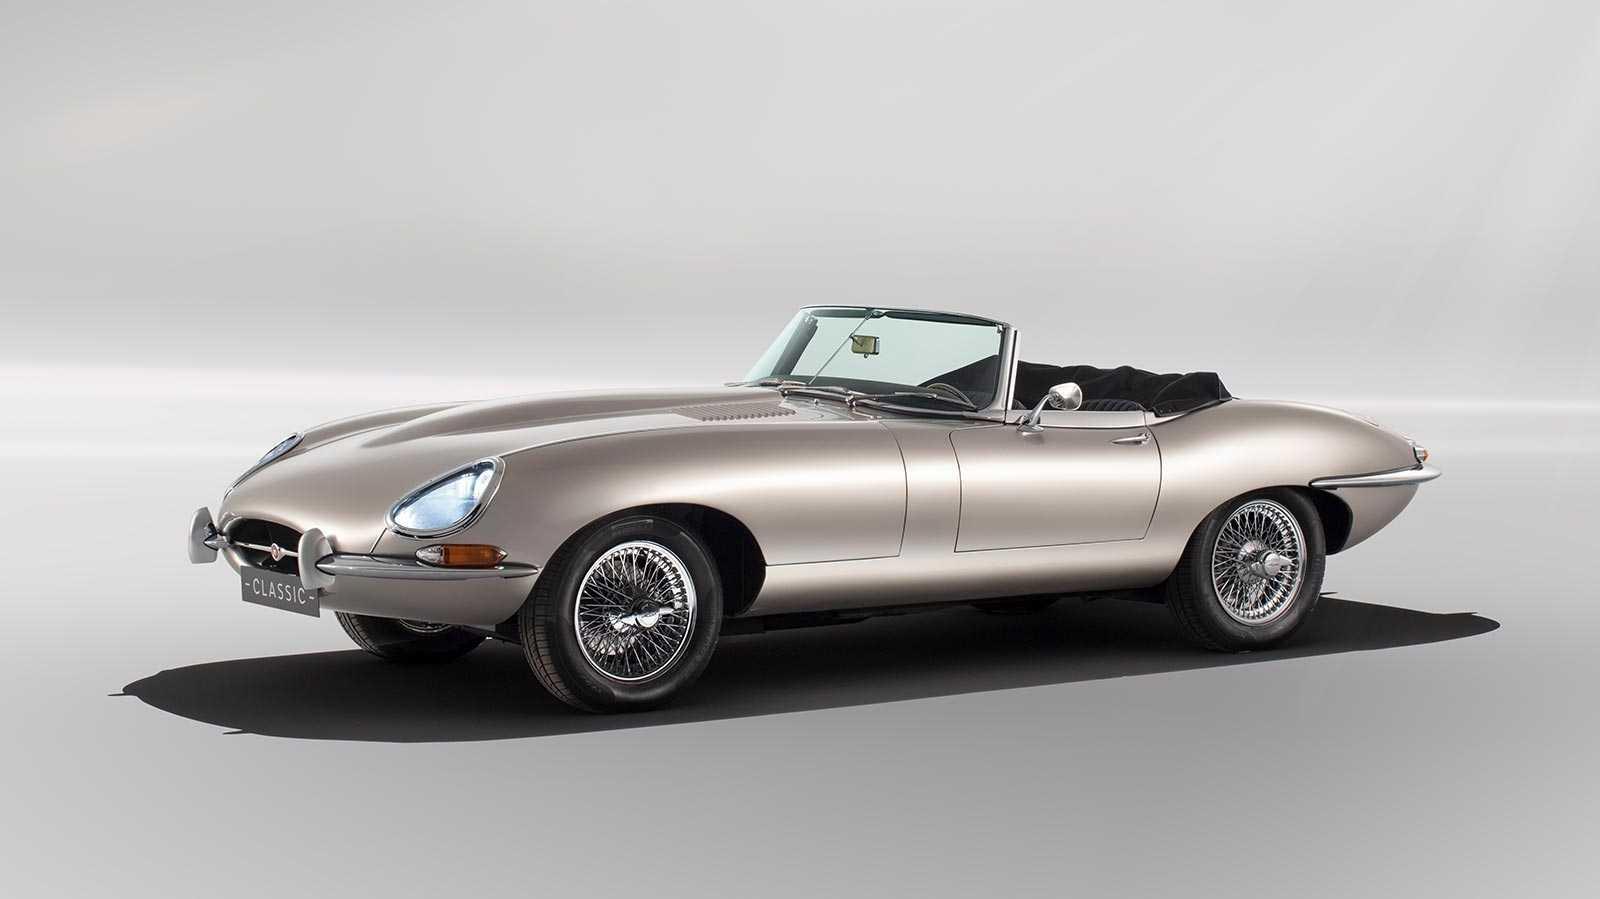 Elektroauto: Jaguar elektrifiziert seinen Klassiker E-Type